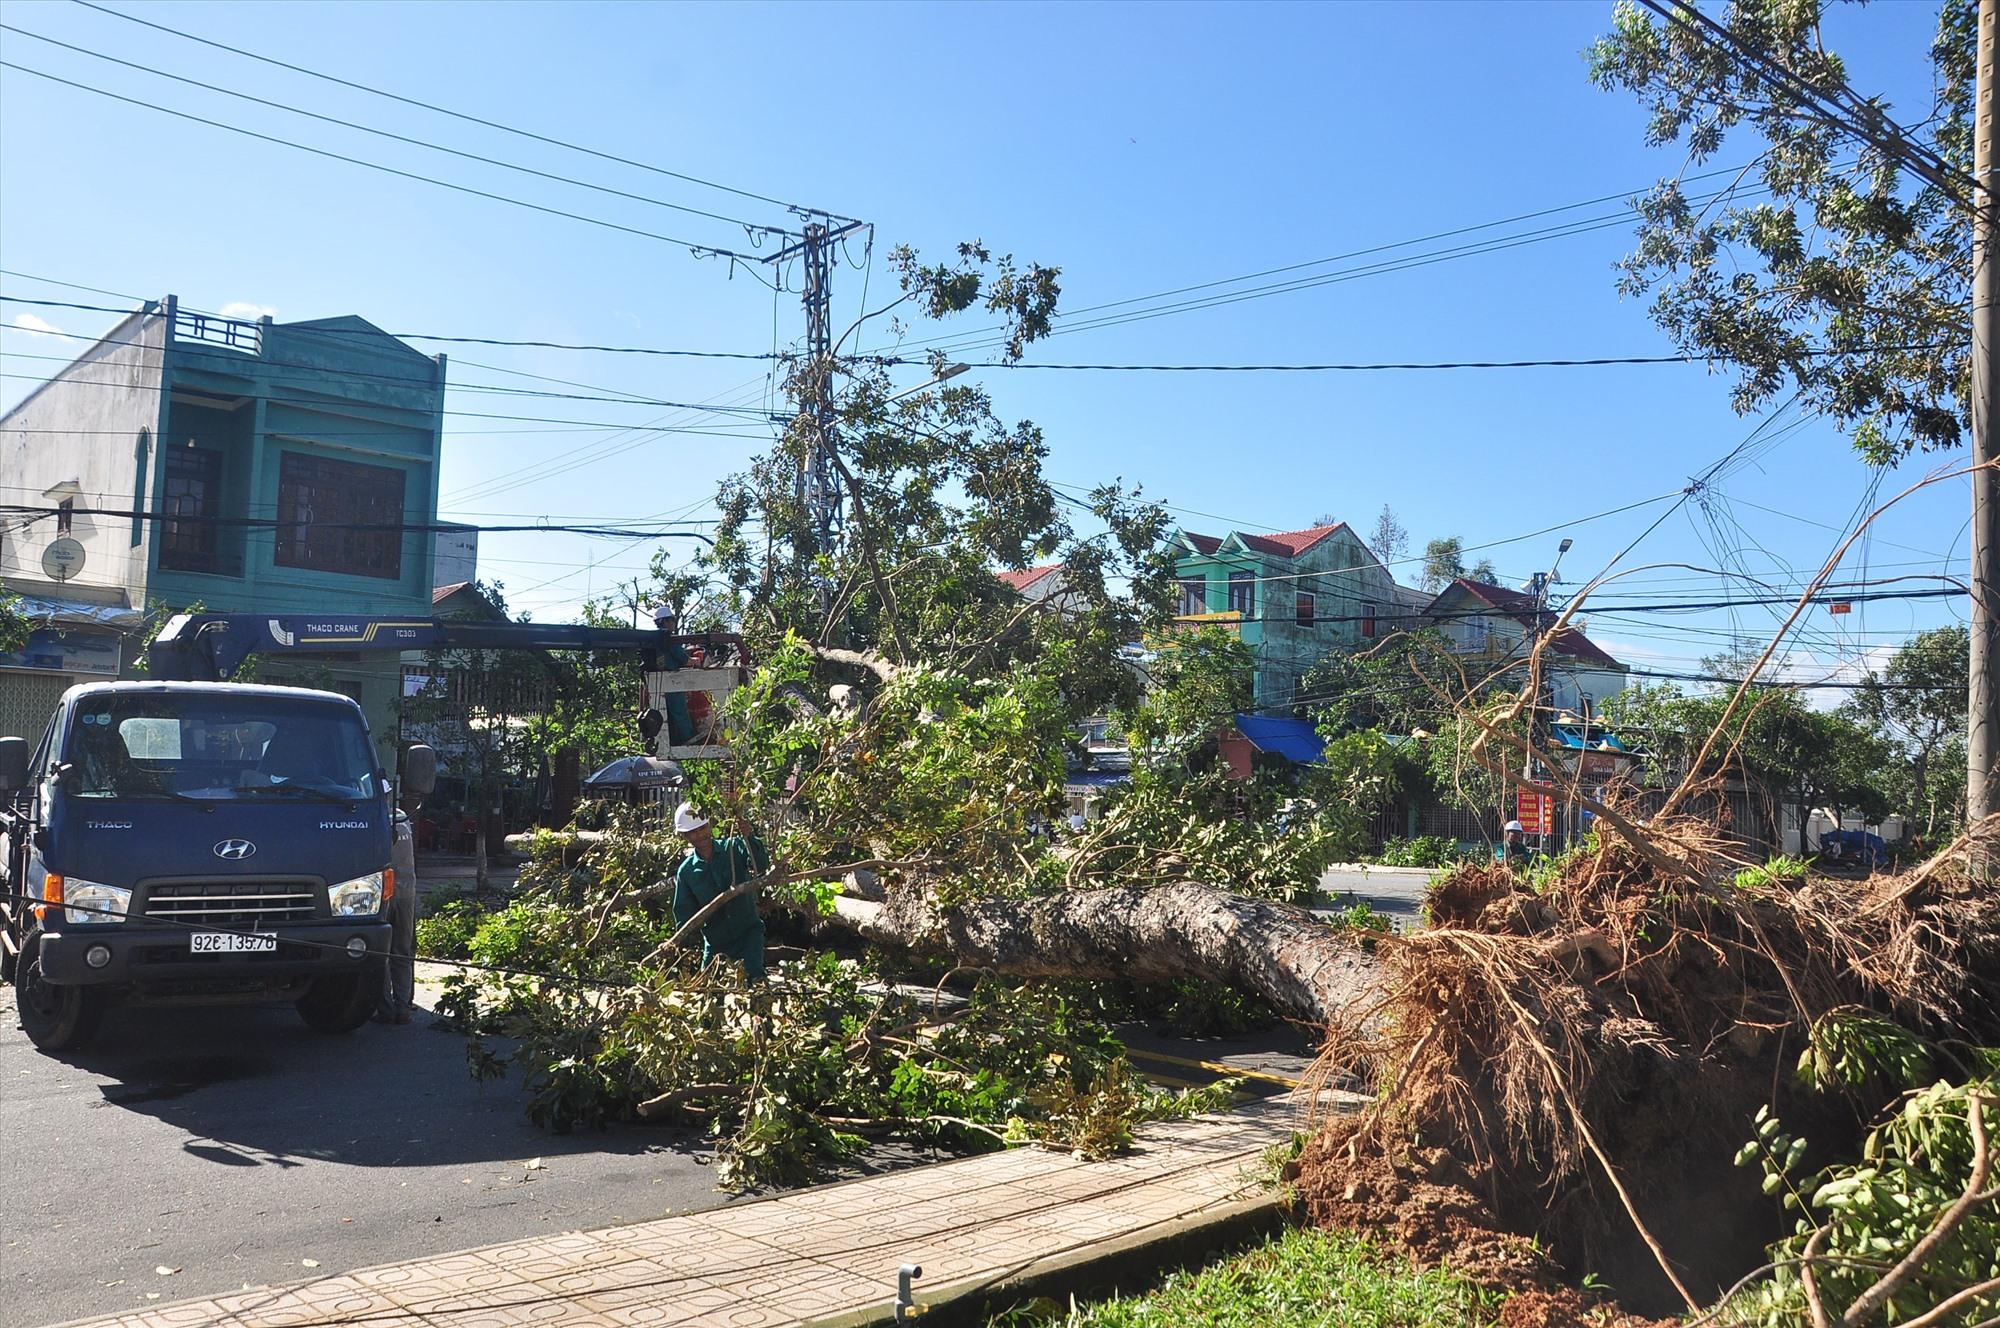 Tại Tam Kỳ, công tác khắc phục sự cố cũng đang được thực hiện khẩn trương. Trong ảnh, một cây xà cừ lớn bị ngã trên đường Hùng Vương. Ảnh: VINH ANH